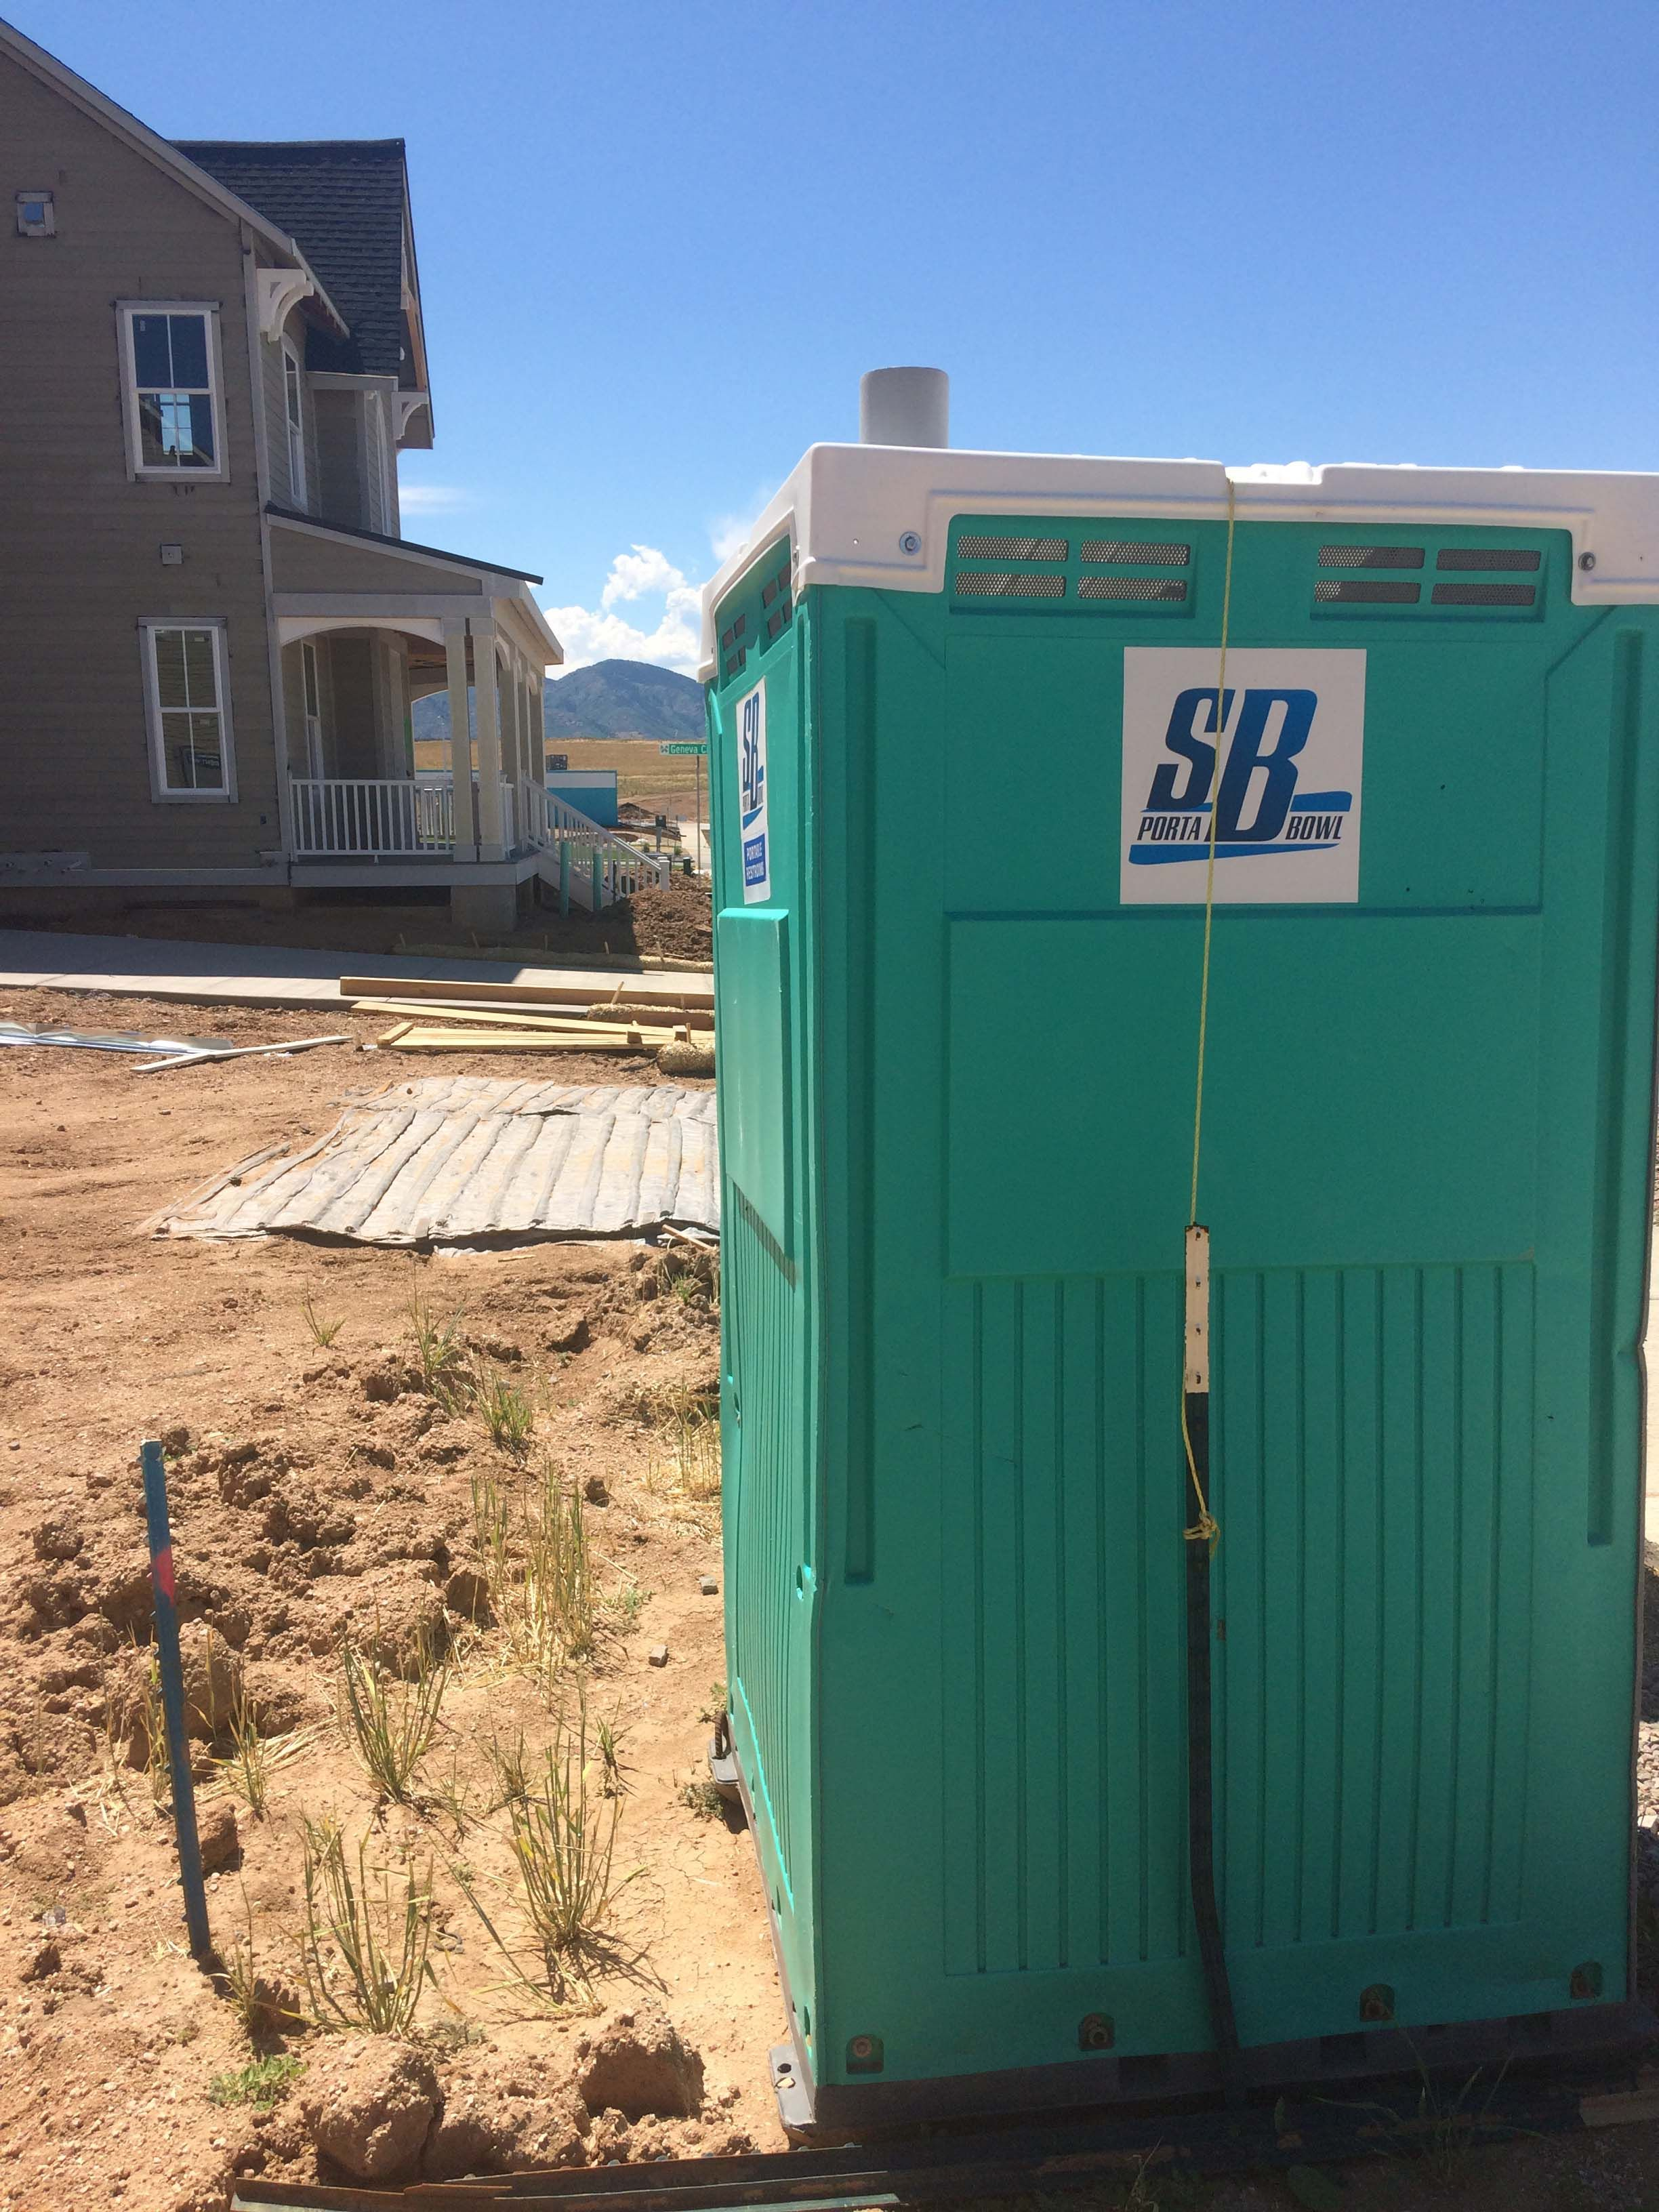 rent a Porta potty Denver #portablerestrooms | Portable Restrooms ...